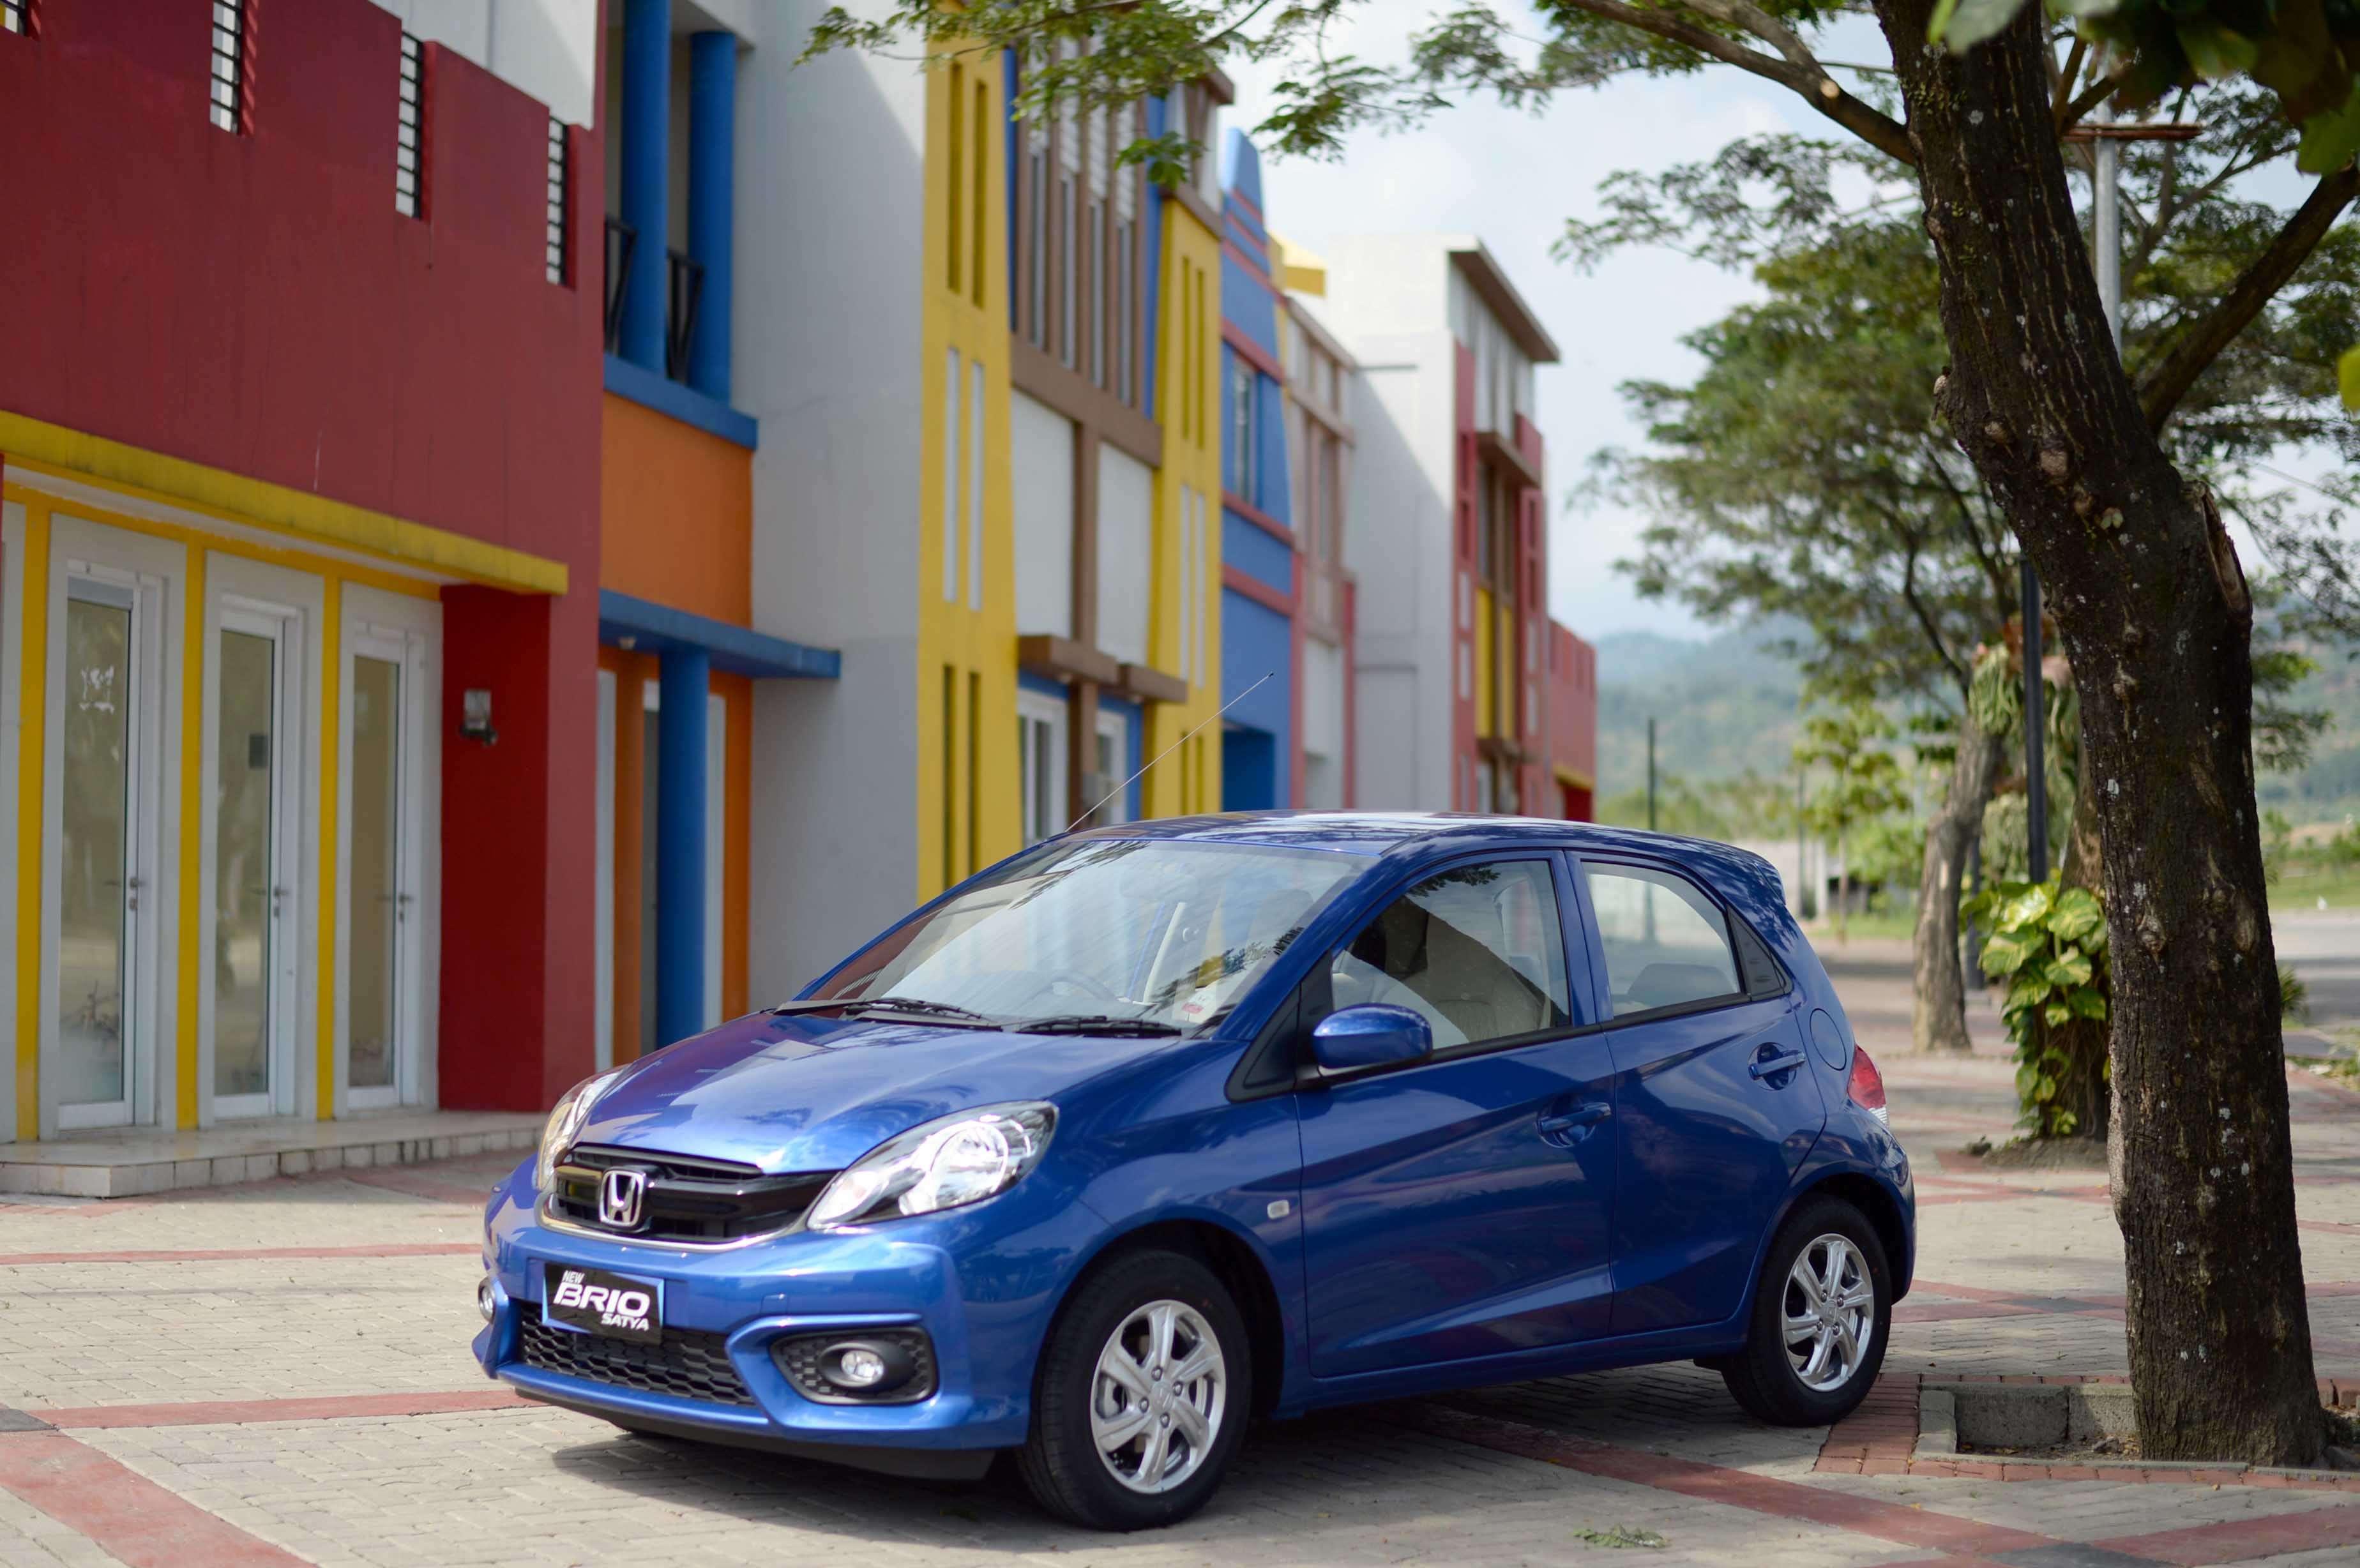 Honda Tembus Penjualan 150.000 Unit Hingga September